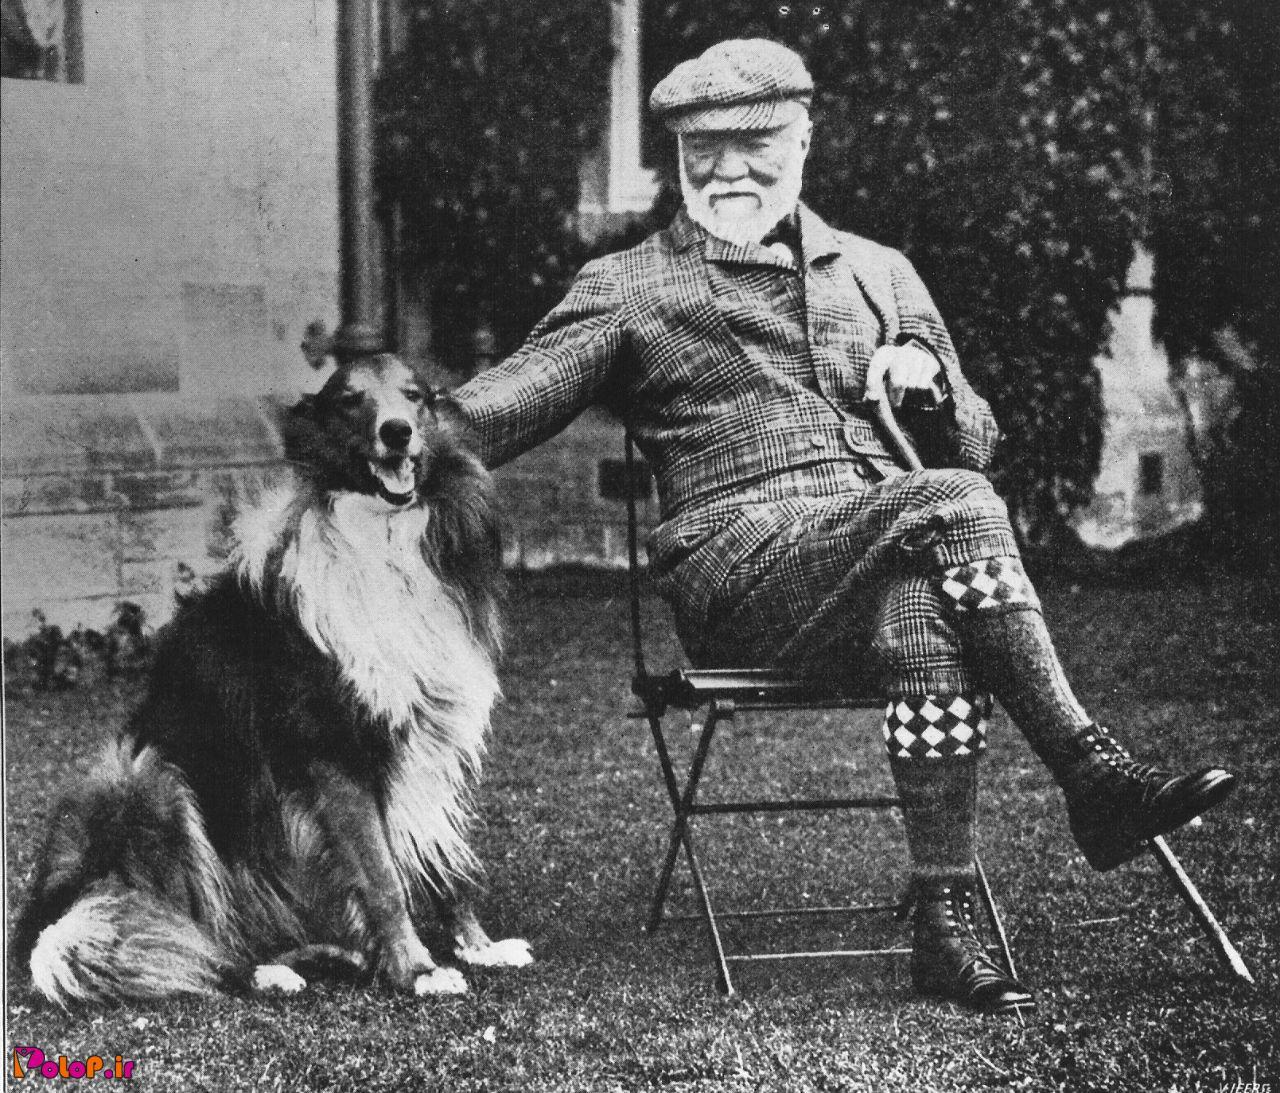 این بزرگوار آقای اندرو کارنگی هستند (۱۸۳۵ تا ۱۹۱۹)، خب ایشون کیه؟